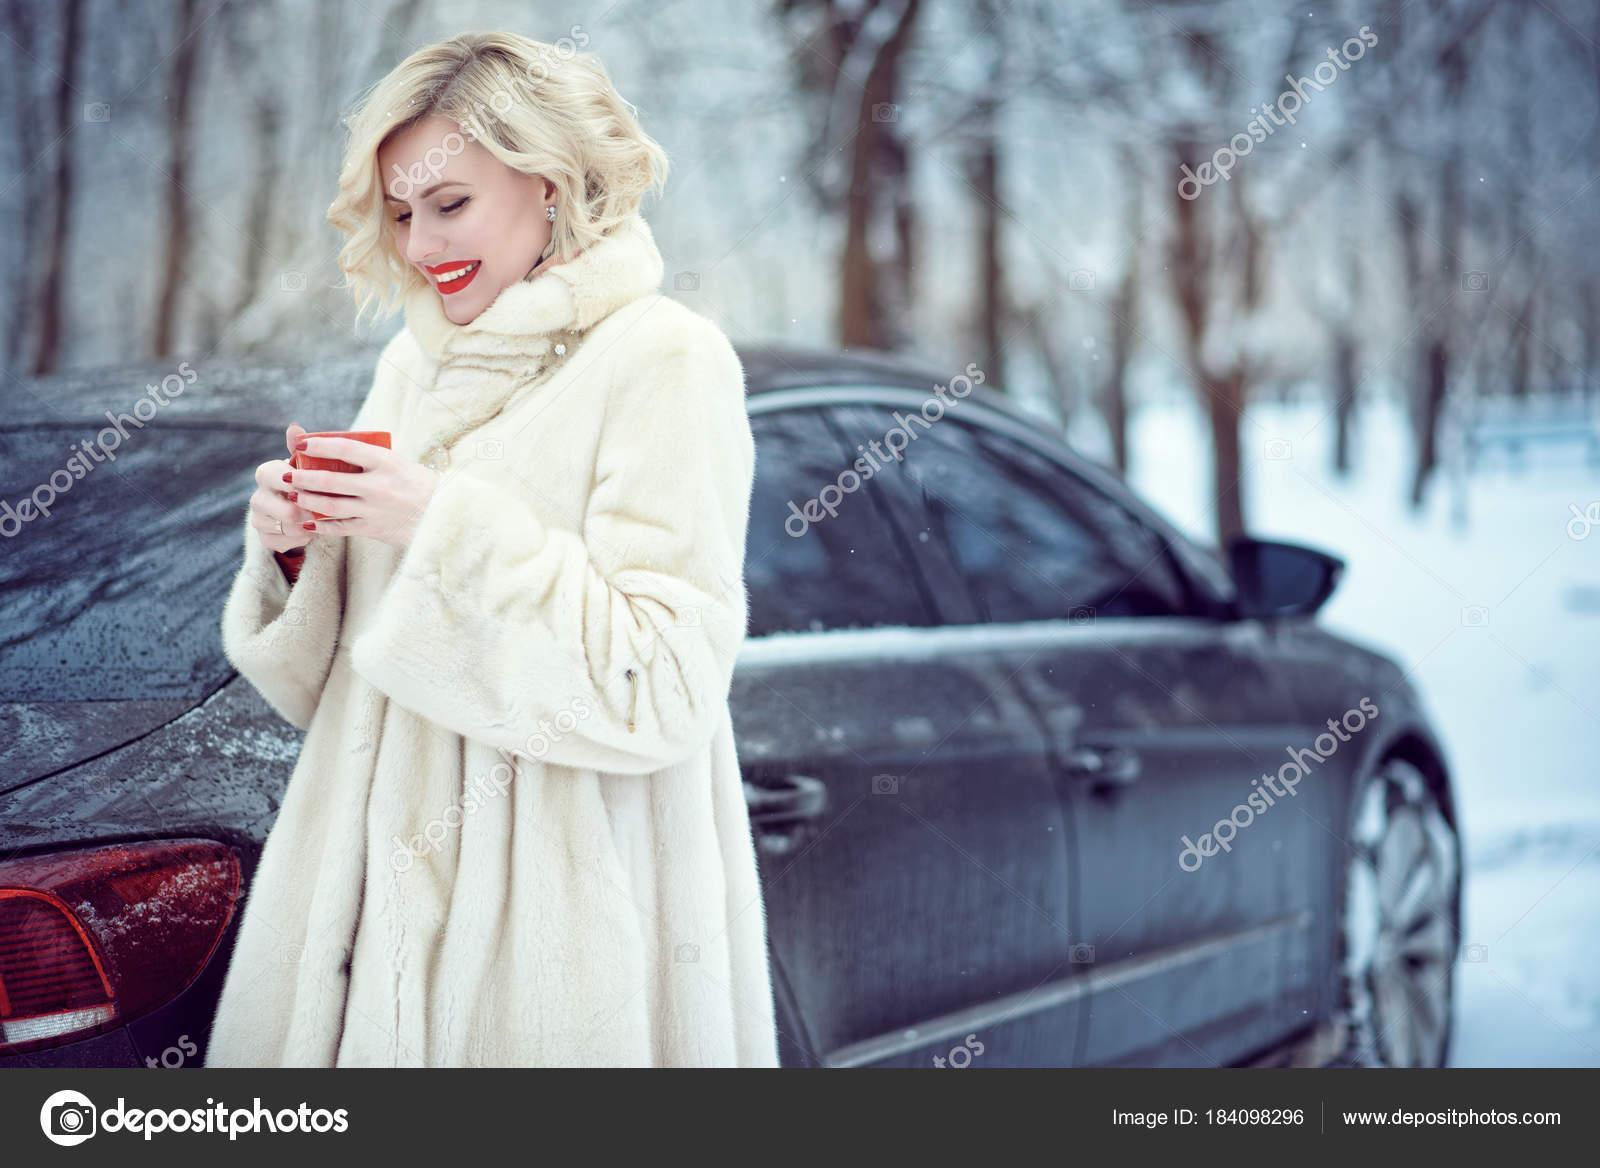 perepihnulis-zimoy-s-blondinkoy-porno-zrelih-telochek-s-molodimi-parnyami